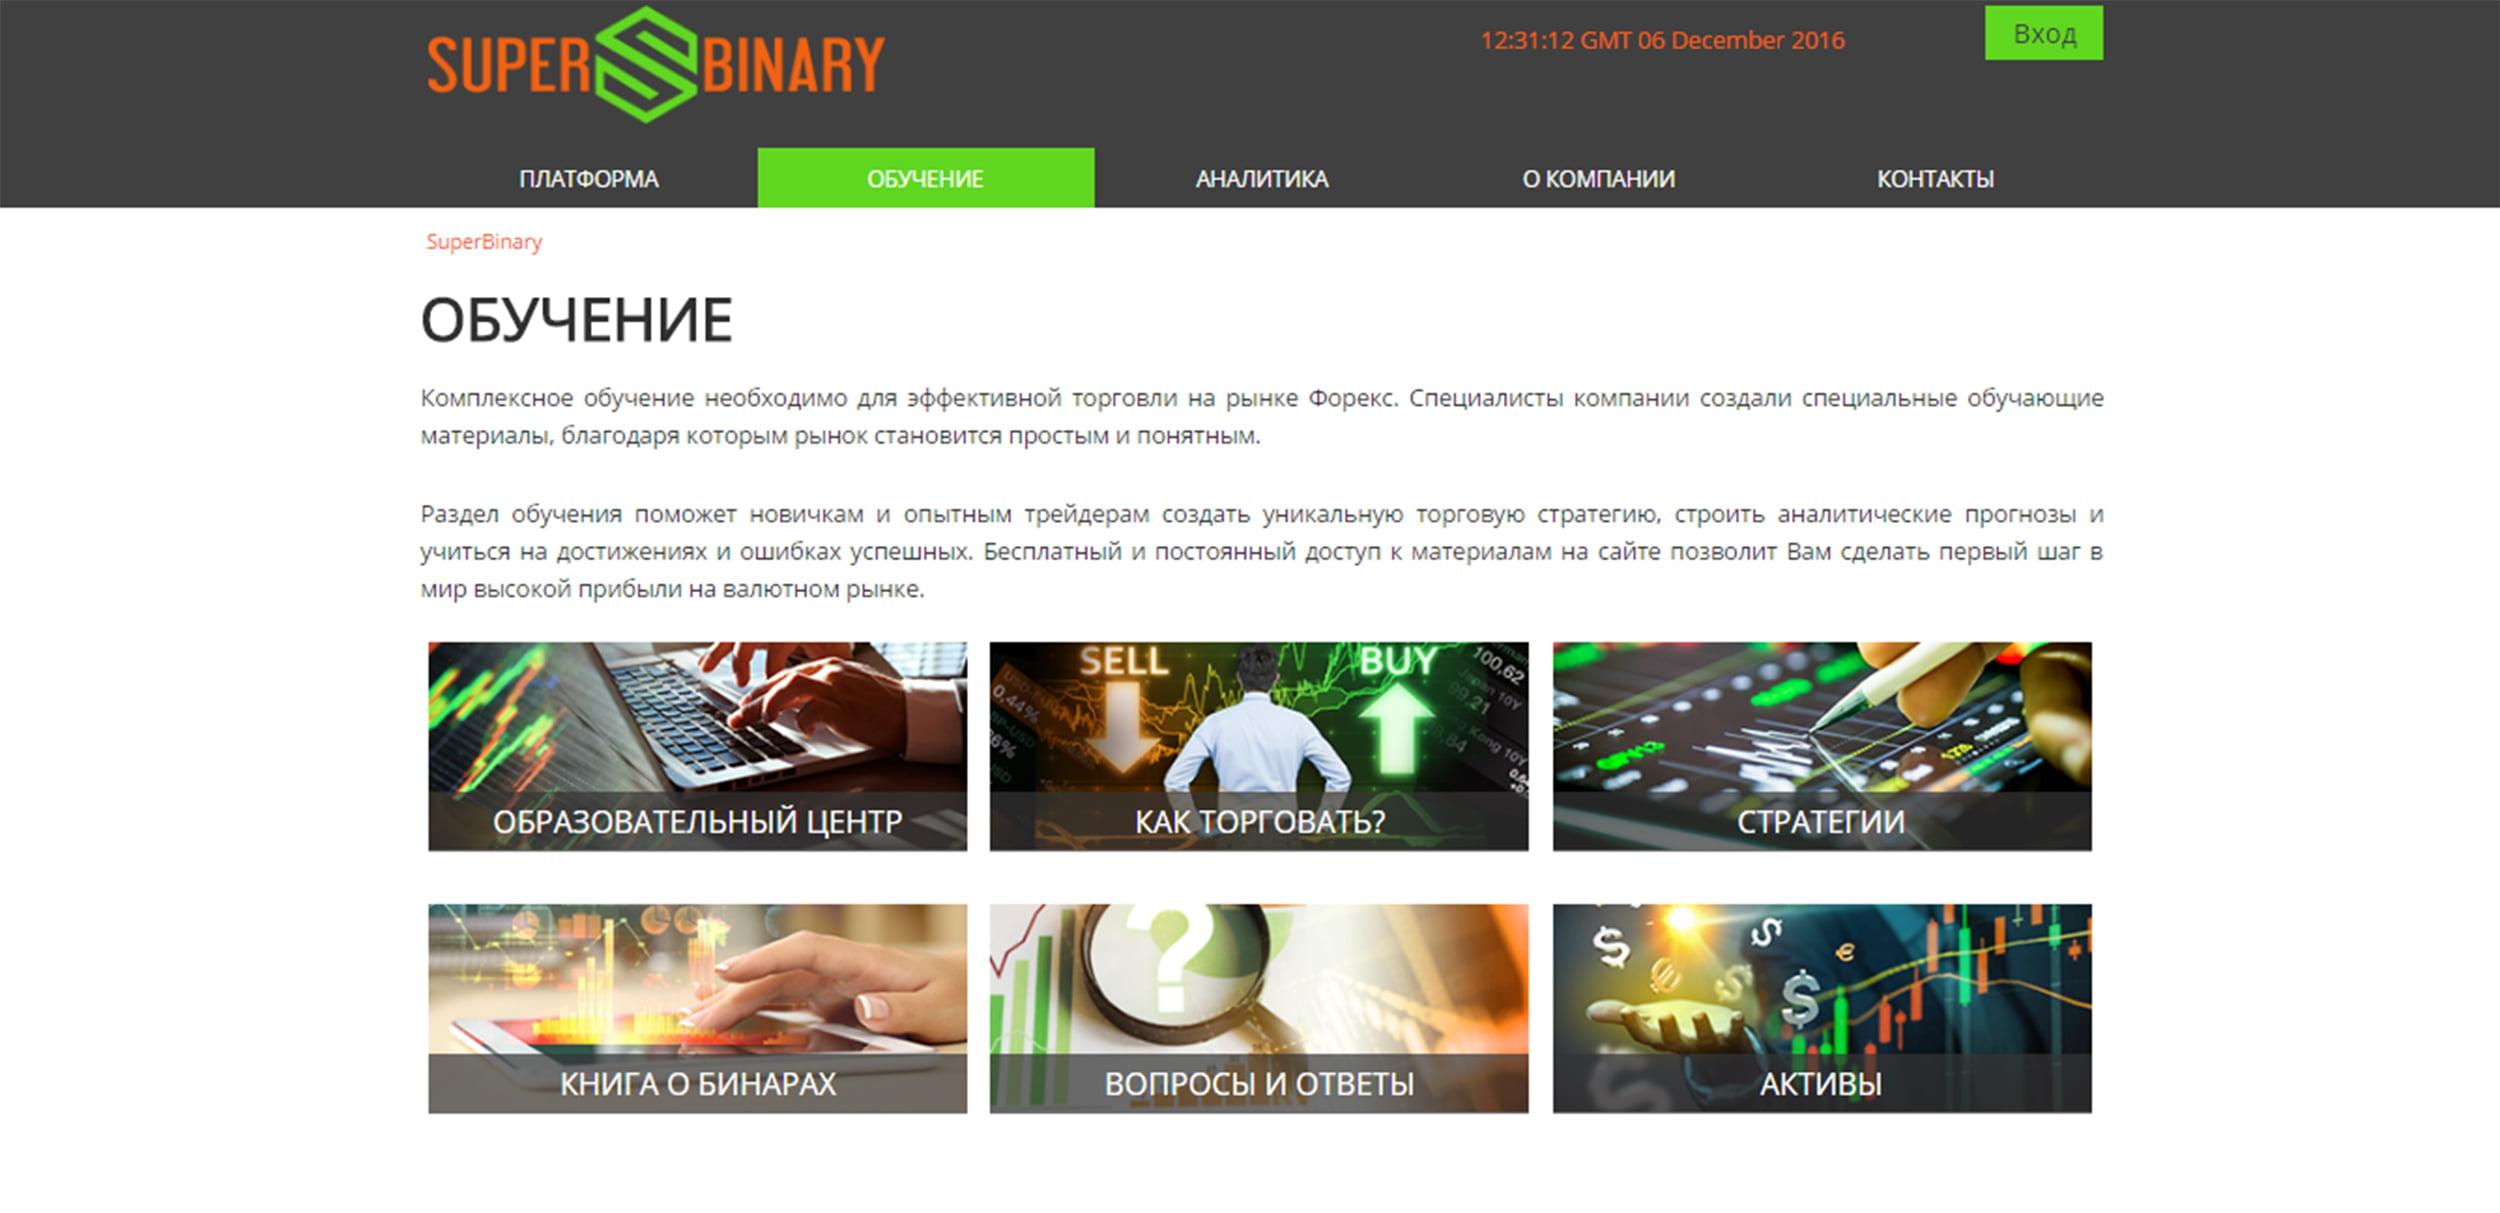 Образовательная программа брокера SuperBinary